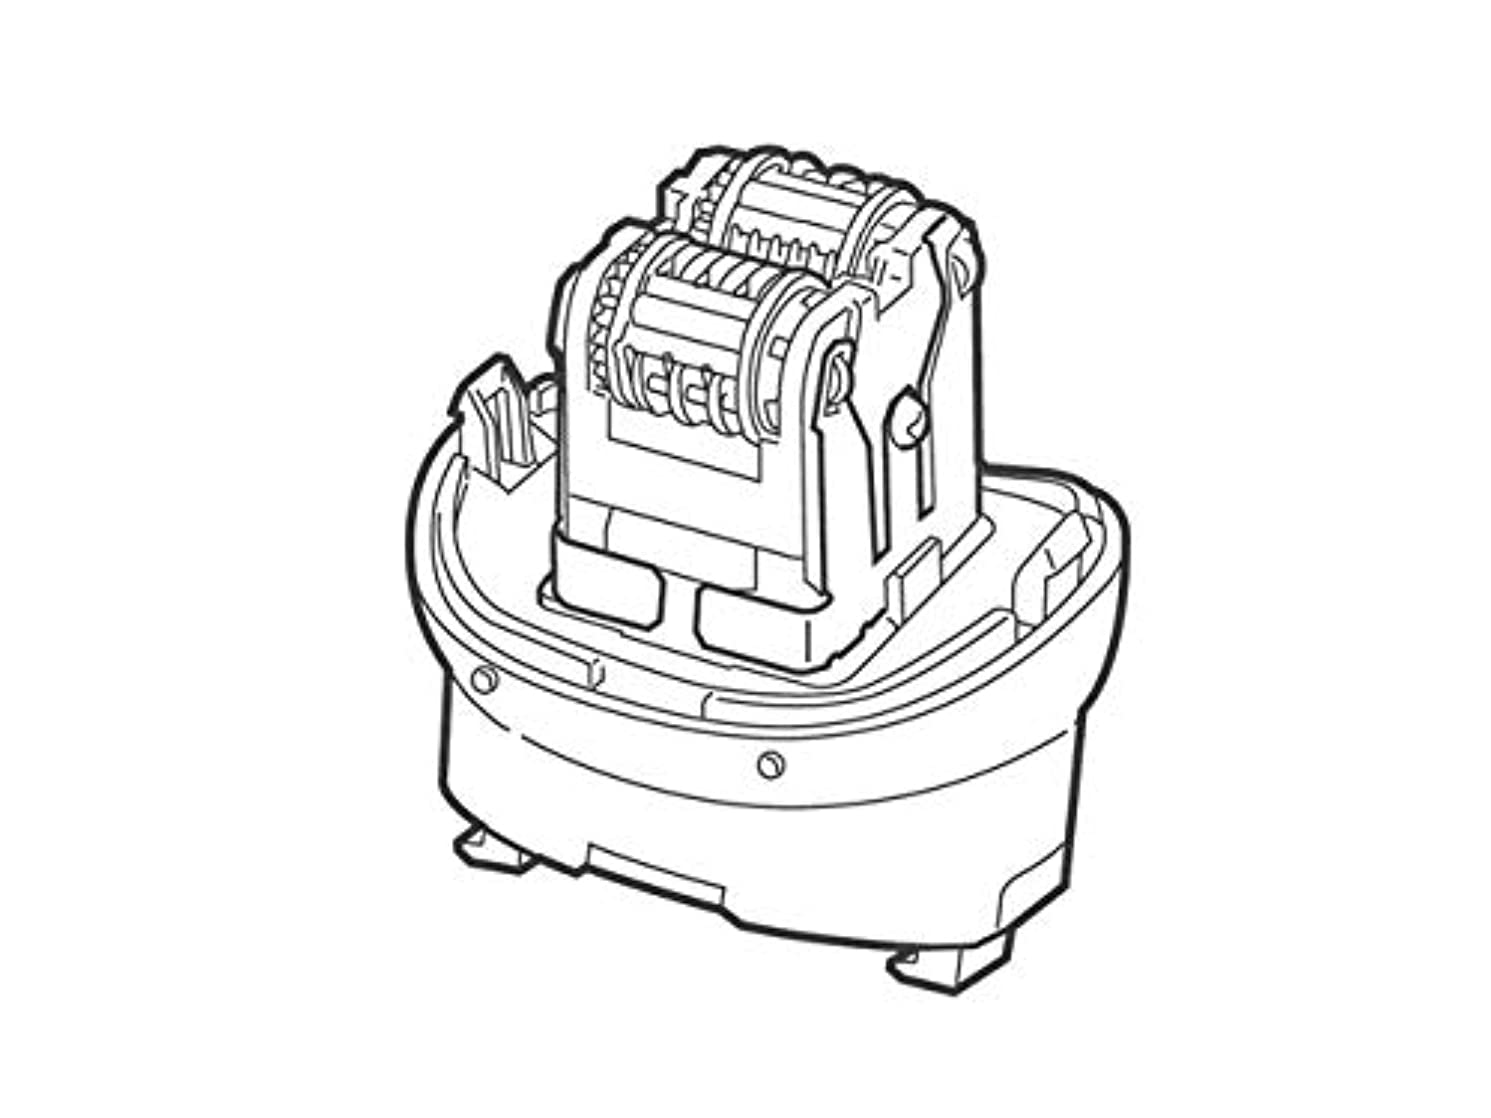 分注するドライブ原点Panasonic ワキ用脱毛ヘッド駆動部 ESWD93W4057